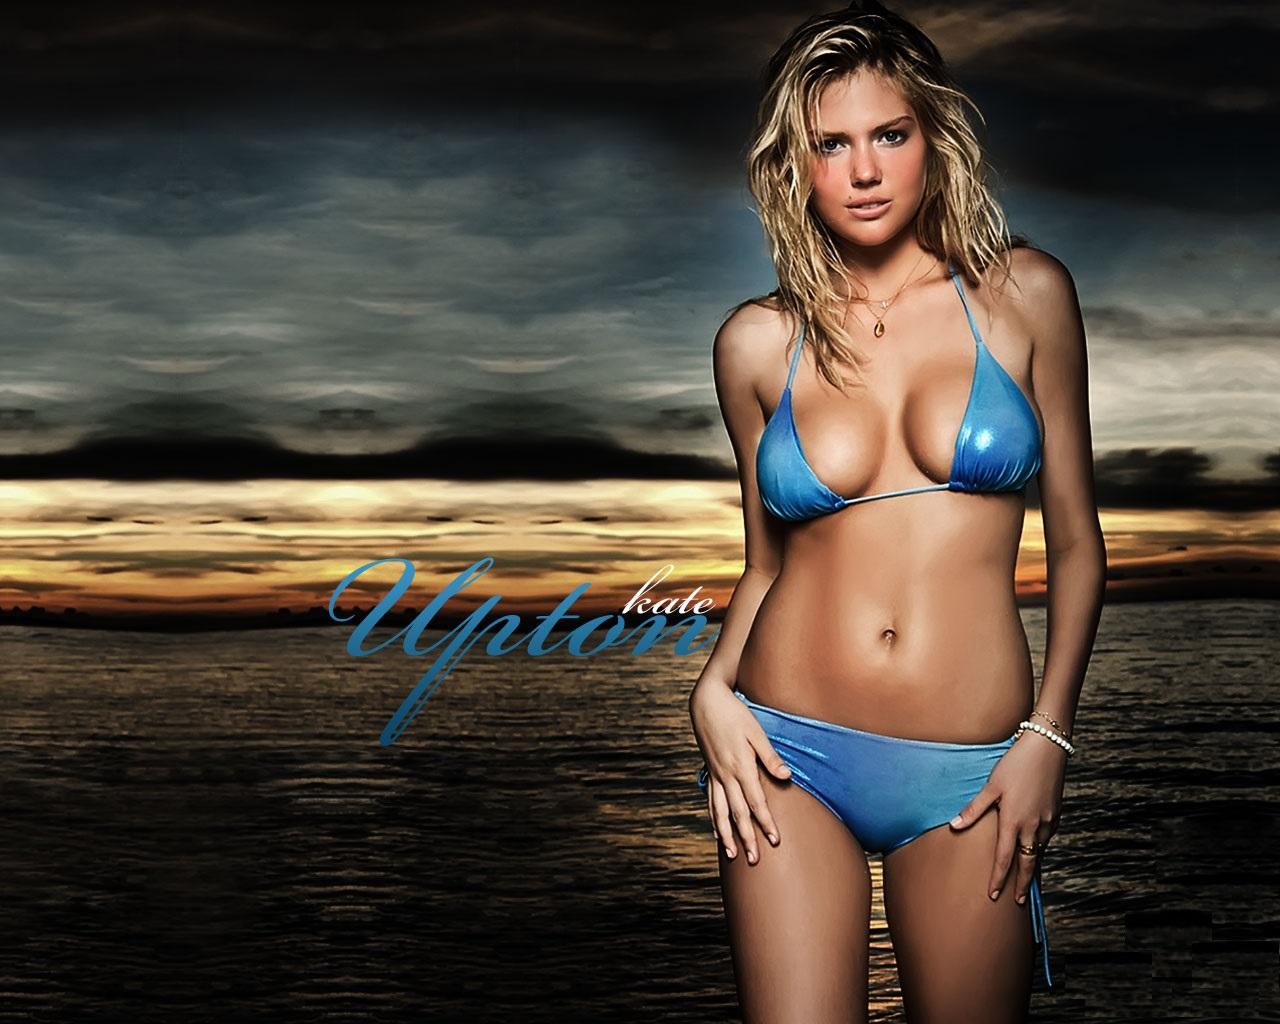 Kate Upton Hot photo